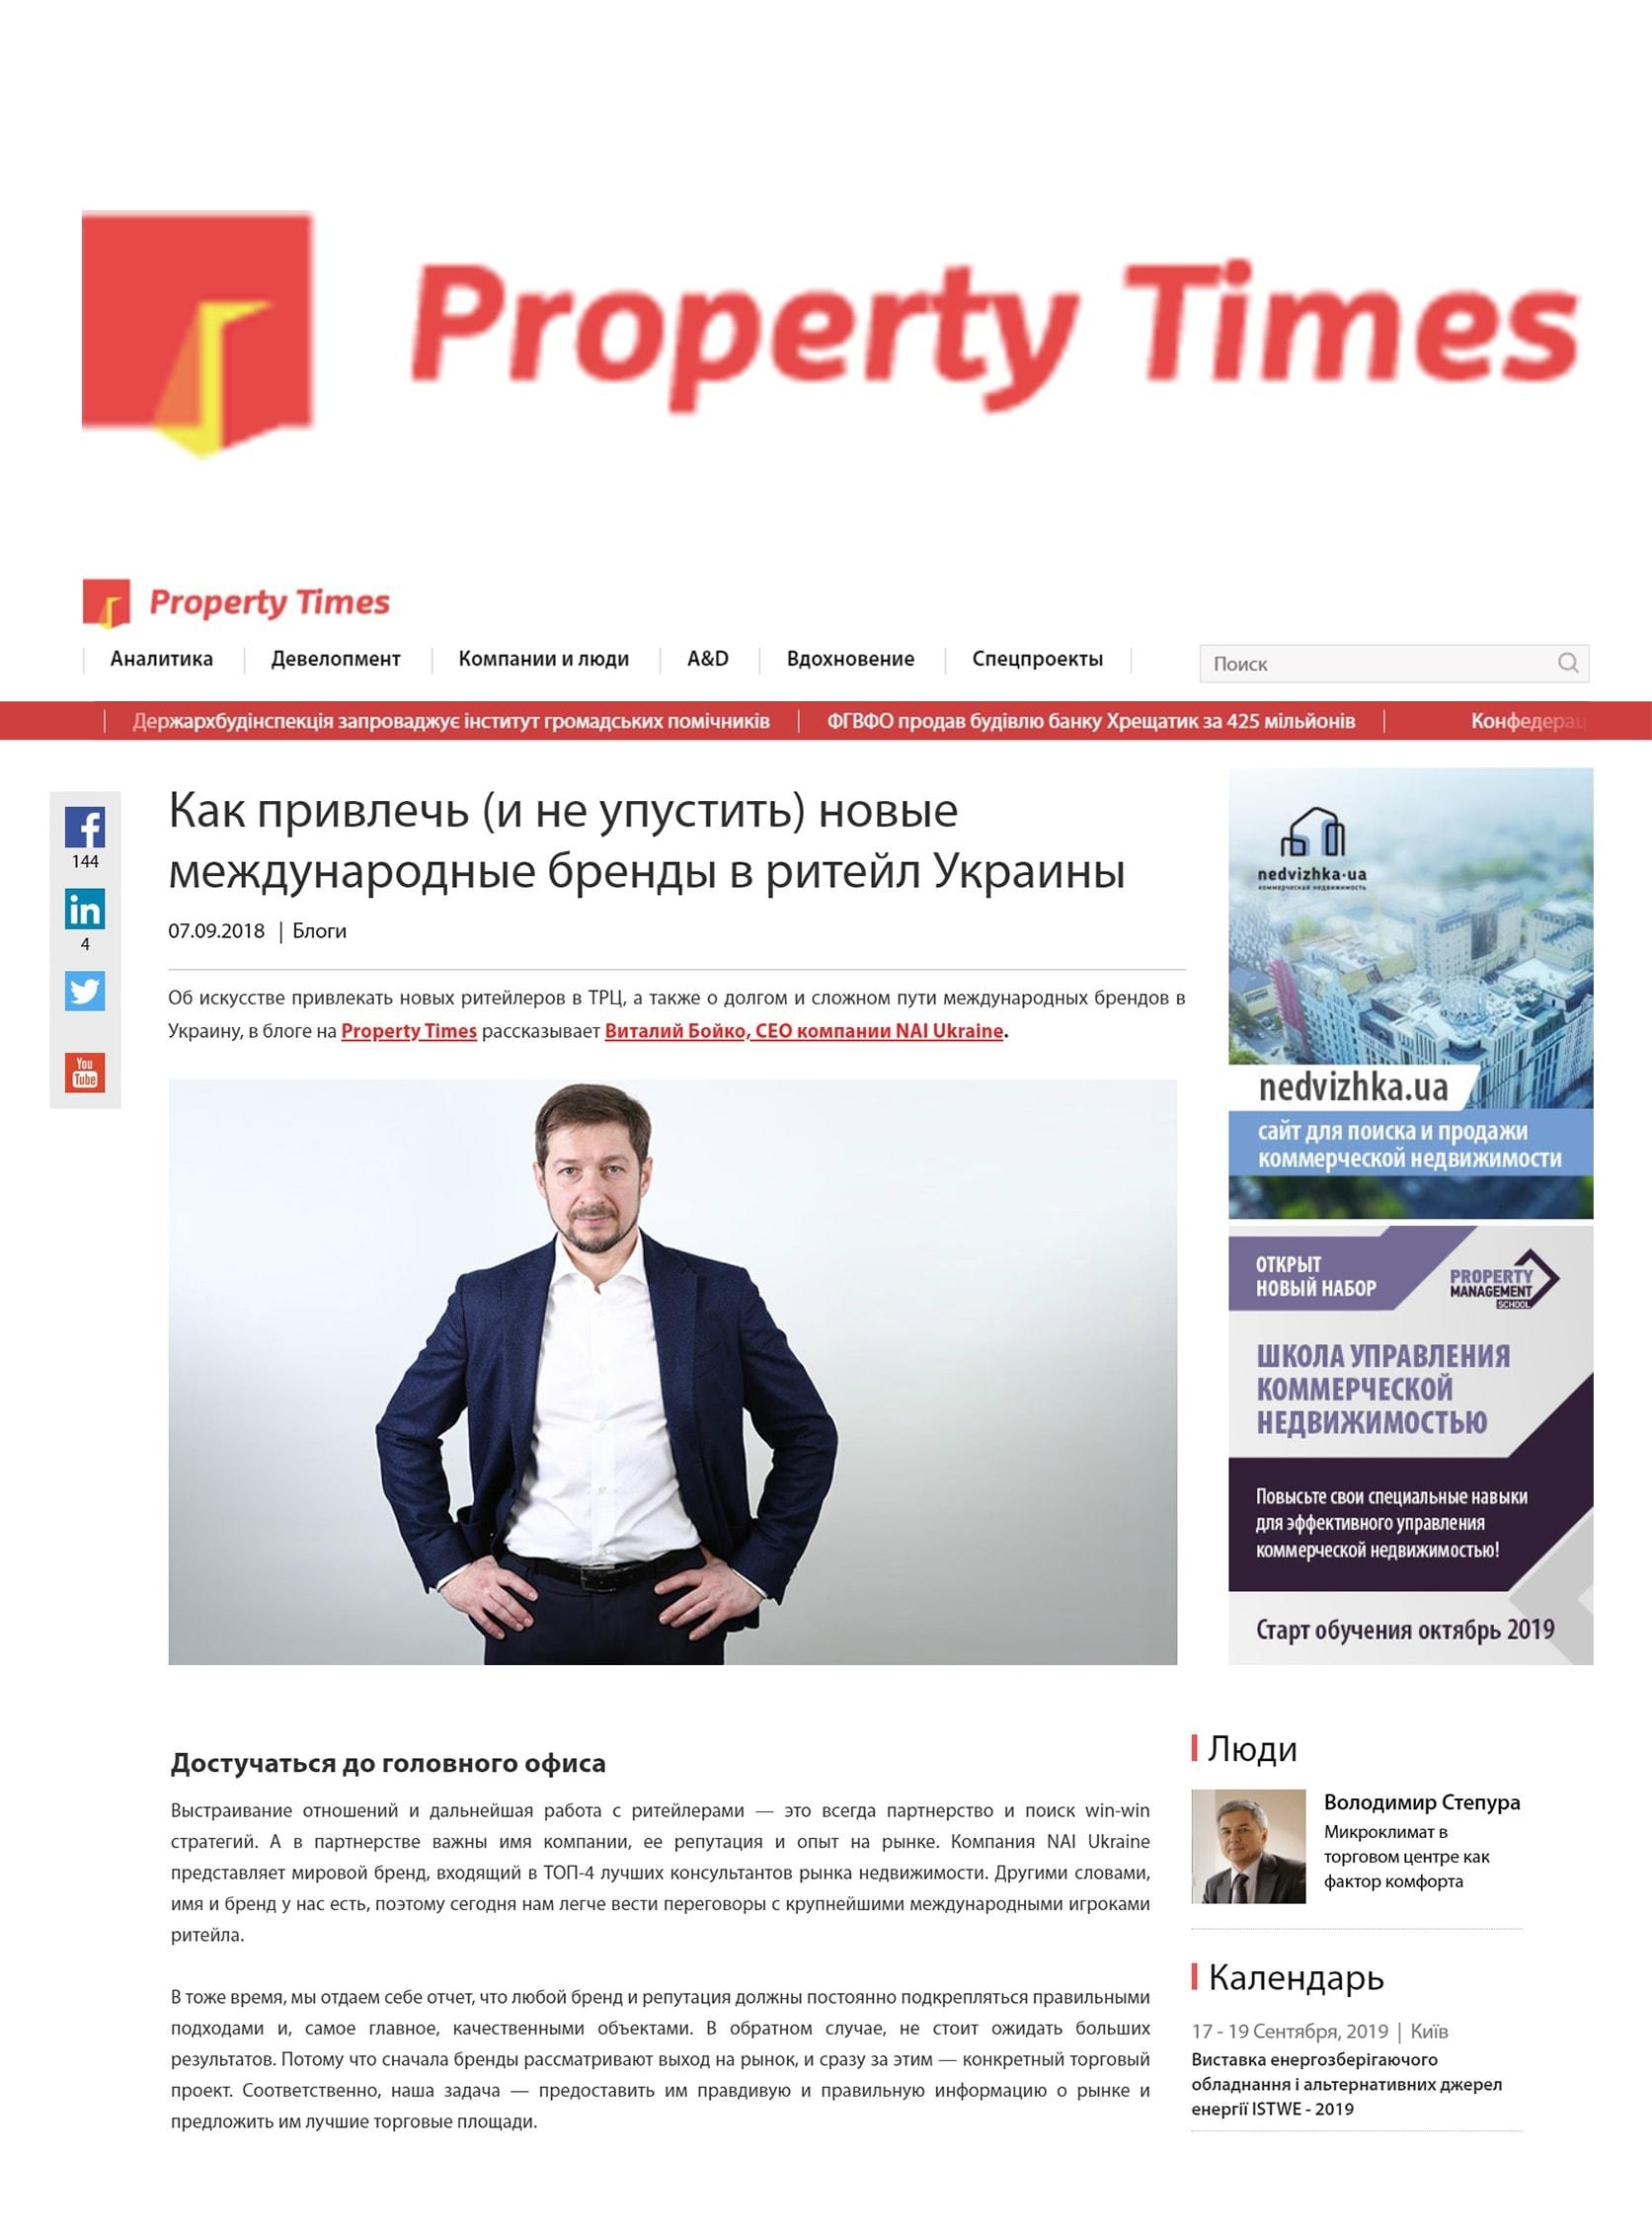 Як залучити нові міжнародні бренди в Укрїну